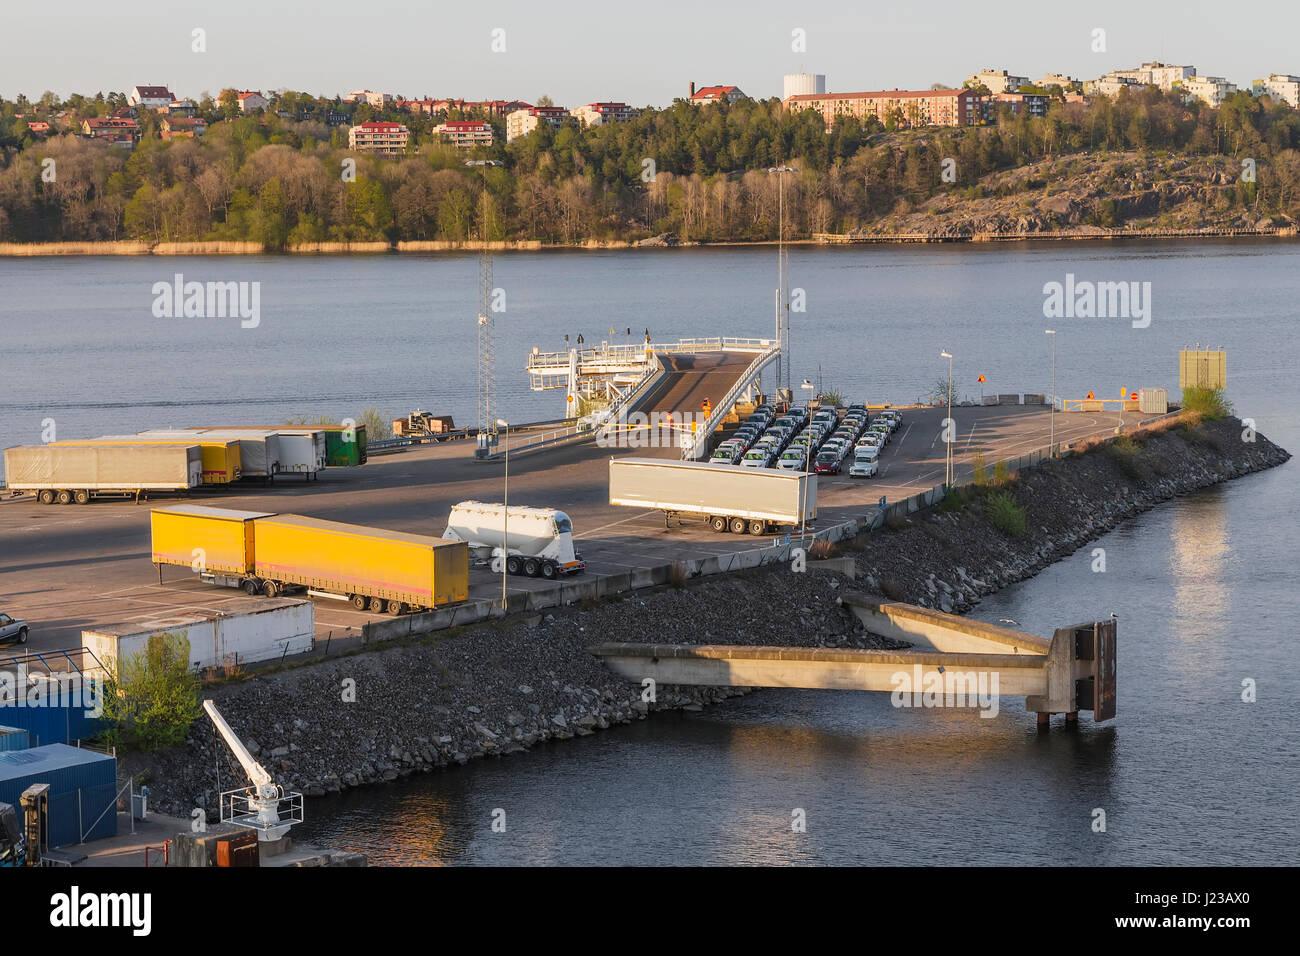 Laderampe für die Fähre. Stockholm. Schweden Stockbild